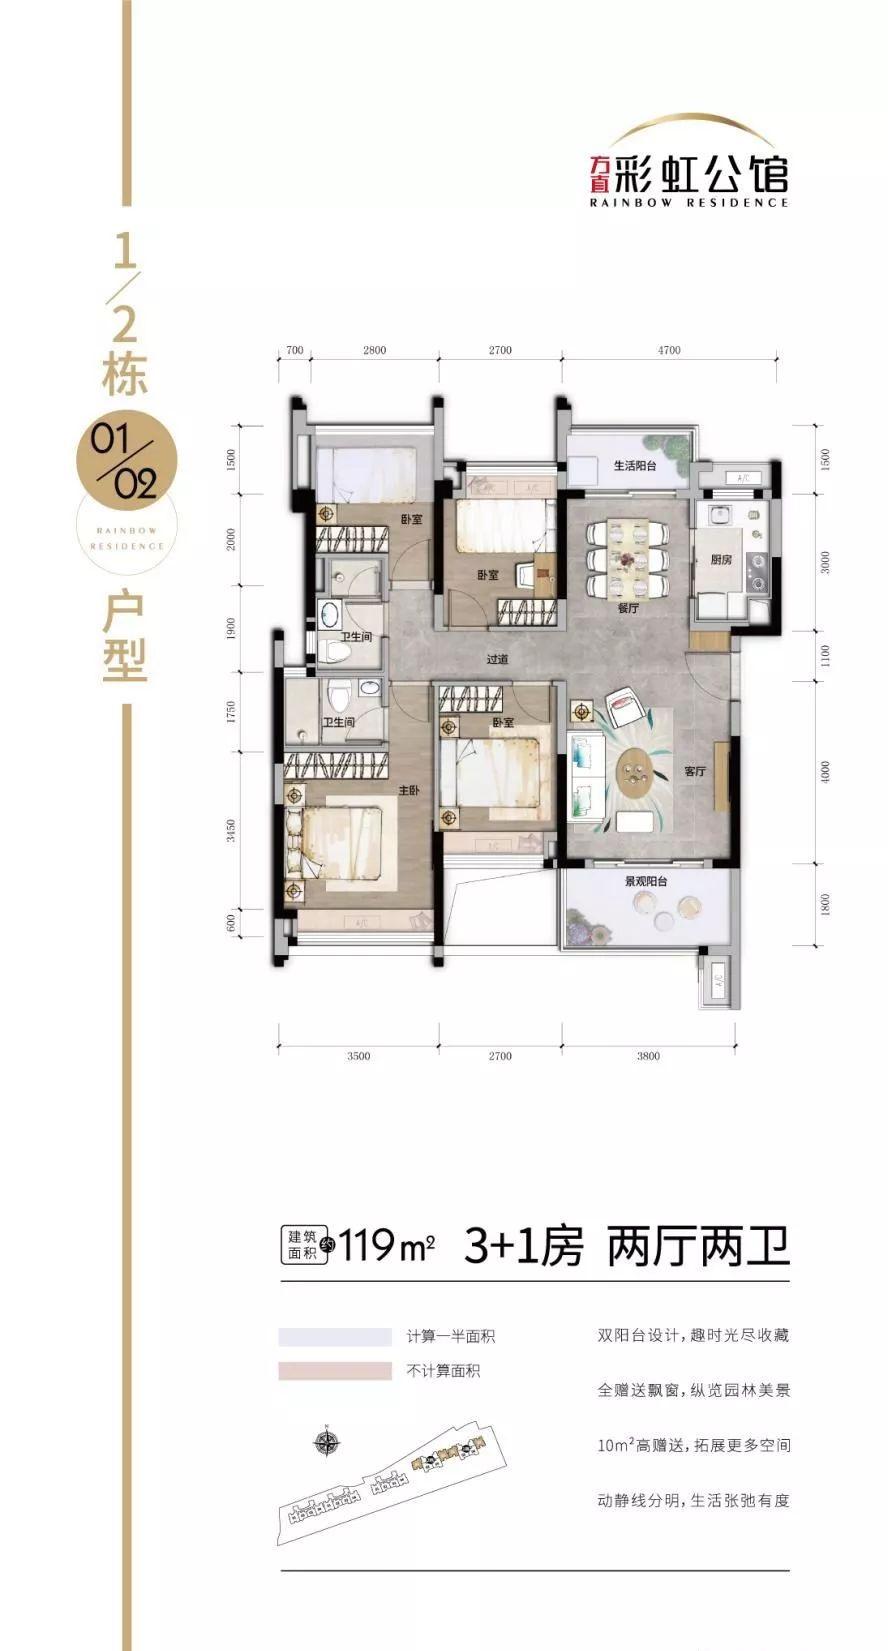 方直彩虹公馆01、02户型4室2厅2厅建筑面积119㎡